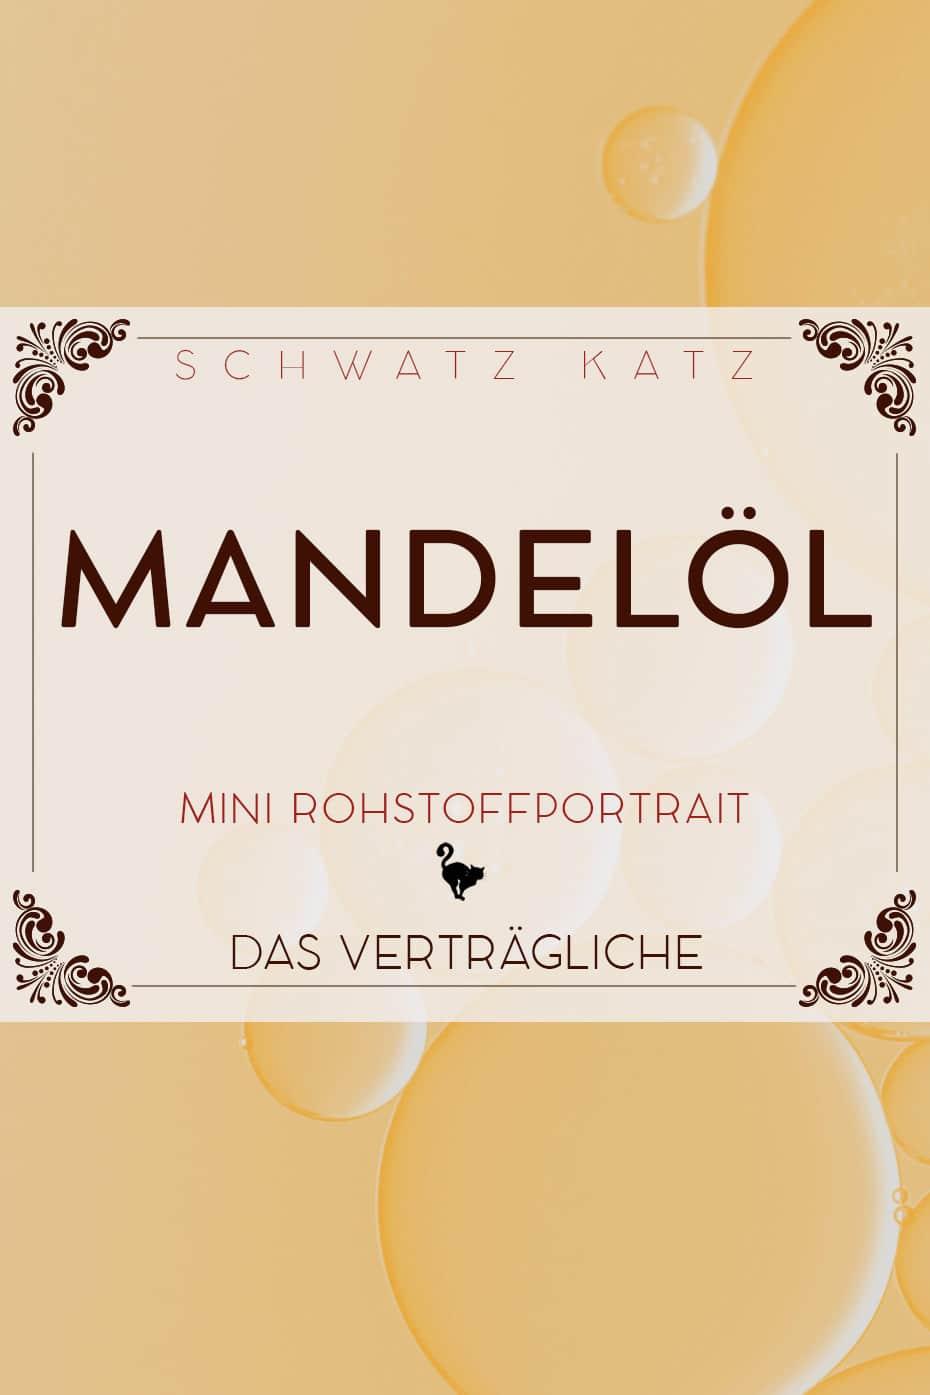 Mandelöl Mini Rohstoffportrait von Schwatz Katz